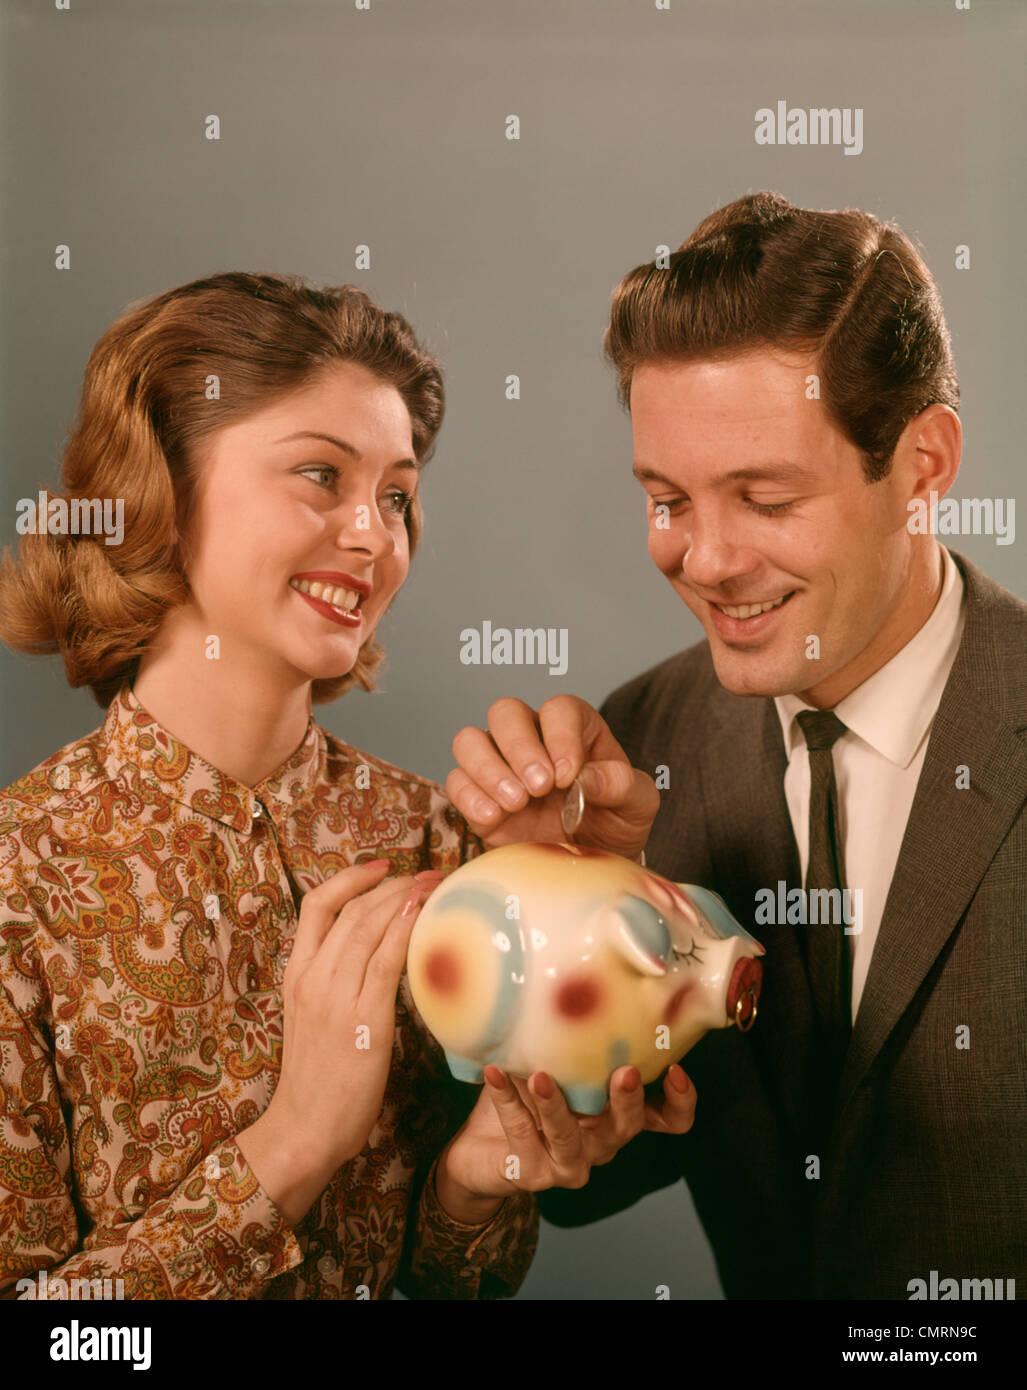 1960 anni sessanta sorridenti giovane mettendo monete nel salvadanaio PIG FINANCE RISPARMIO DI DENARO risparmio Immagini Stock